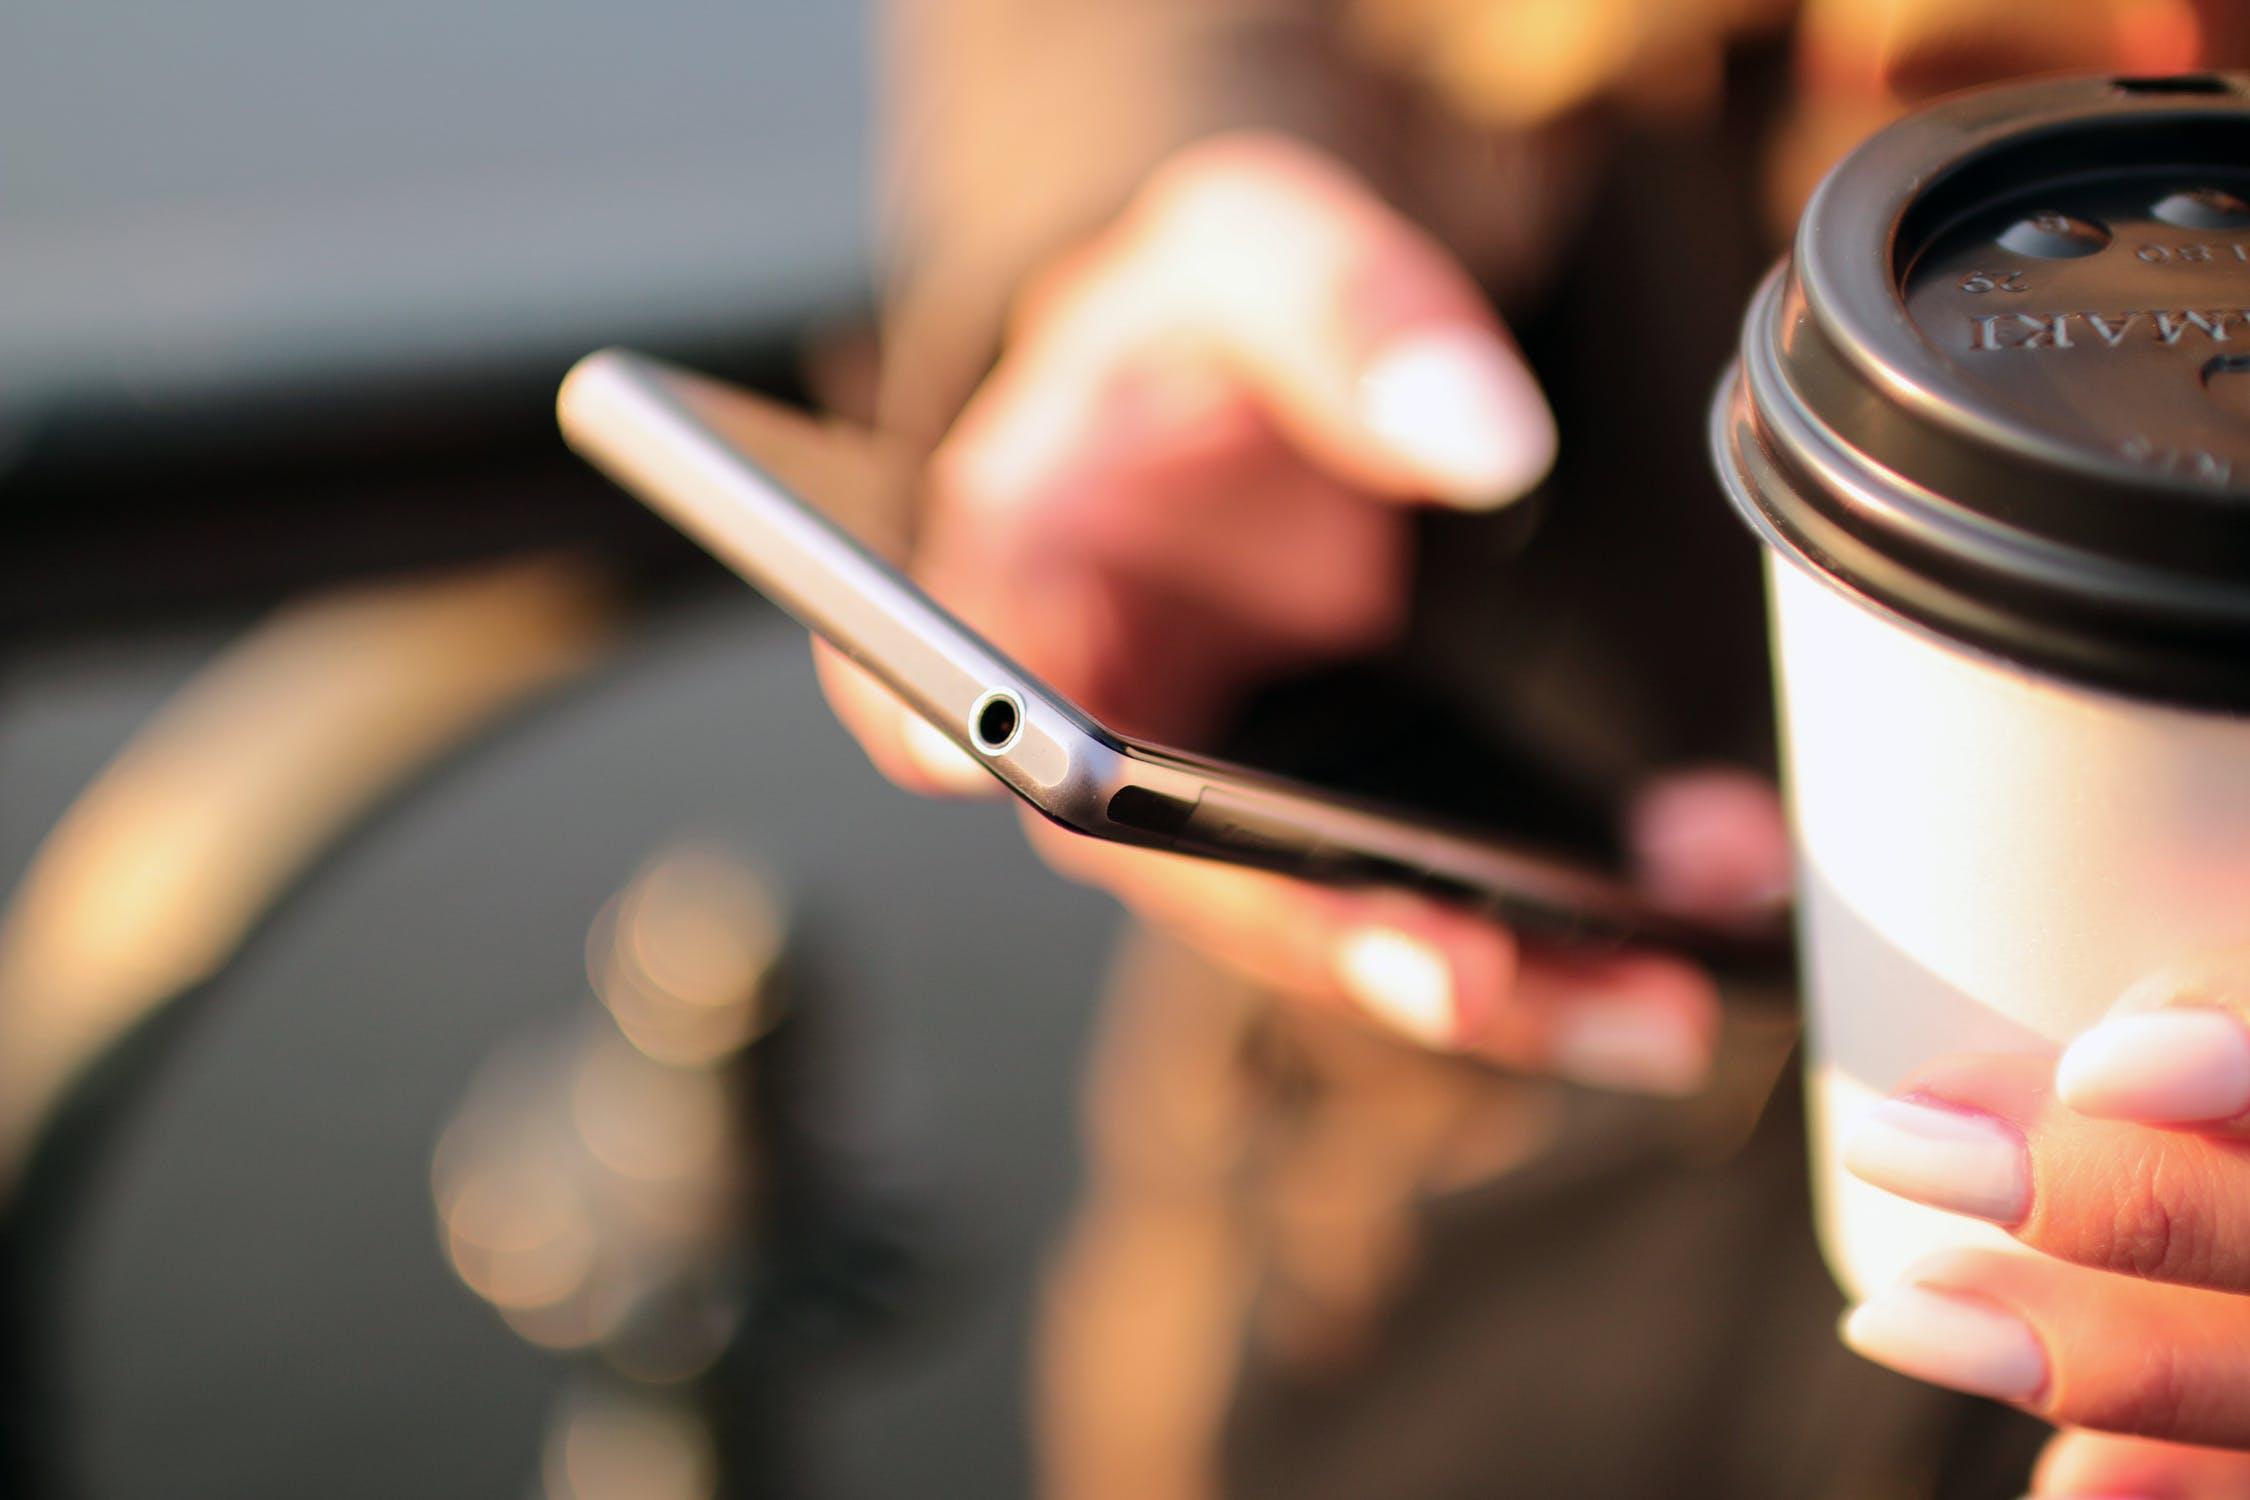 Обзор лучших смартфонов на 2 SIM-карты - смартфон и кофе